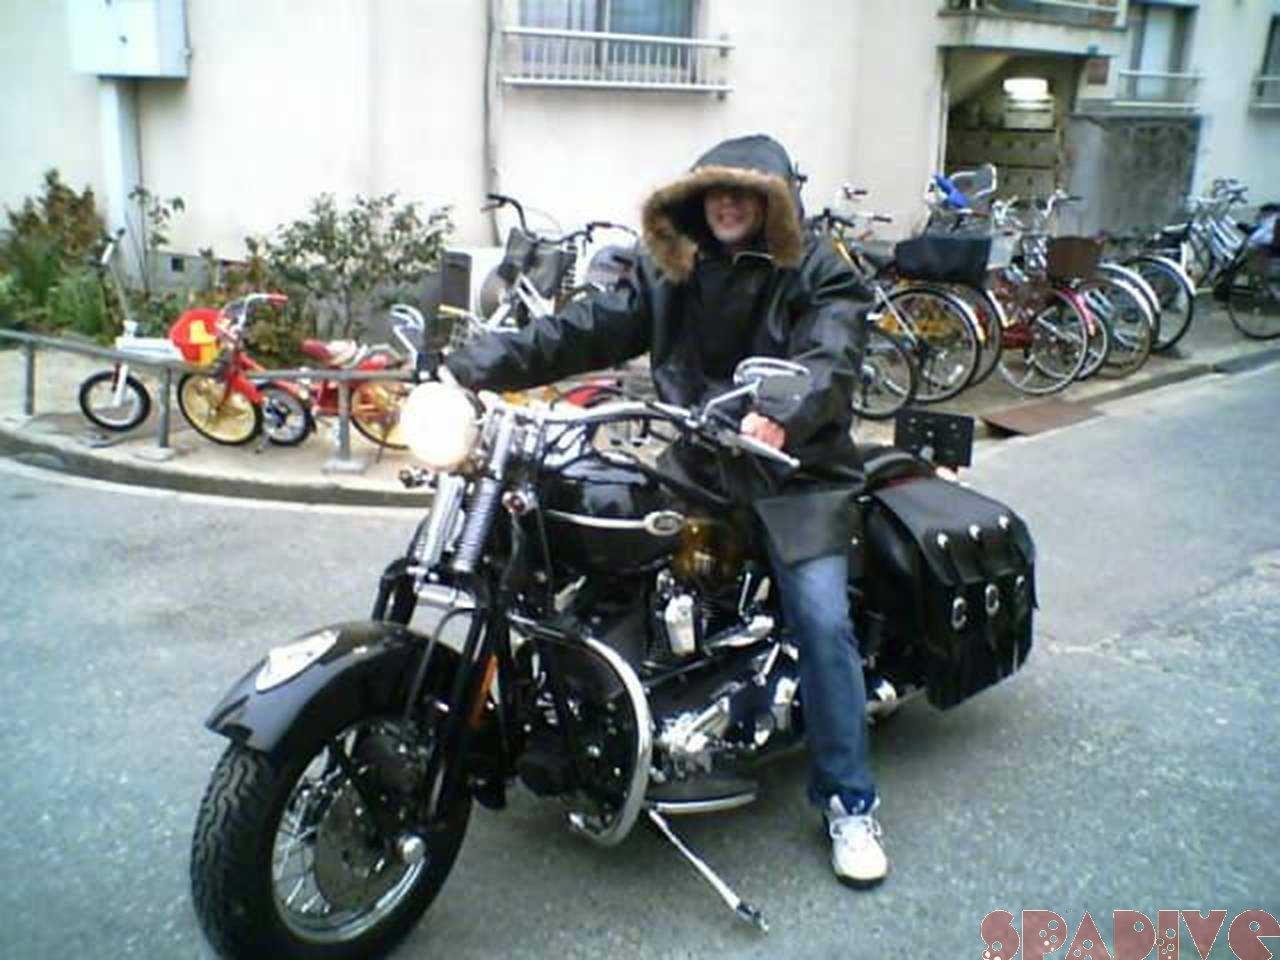 初のり-Harley Davidson|弟のバイクにちょい乗り|1/4/2006